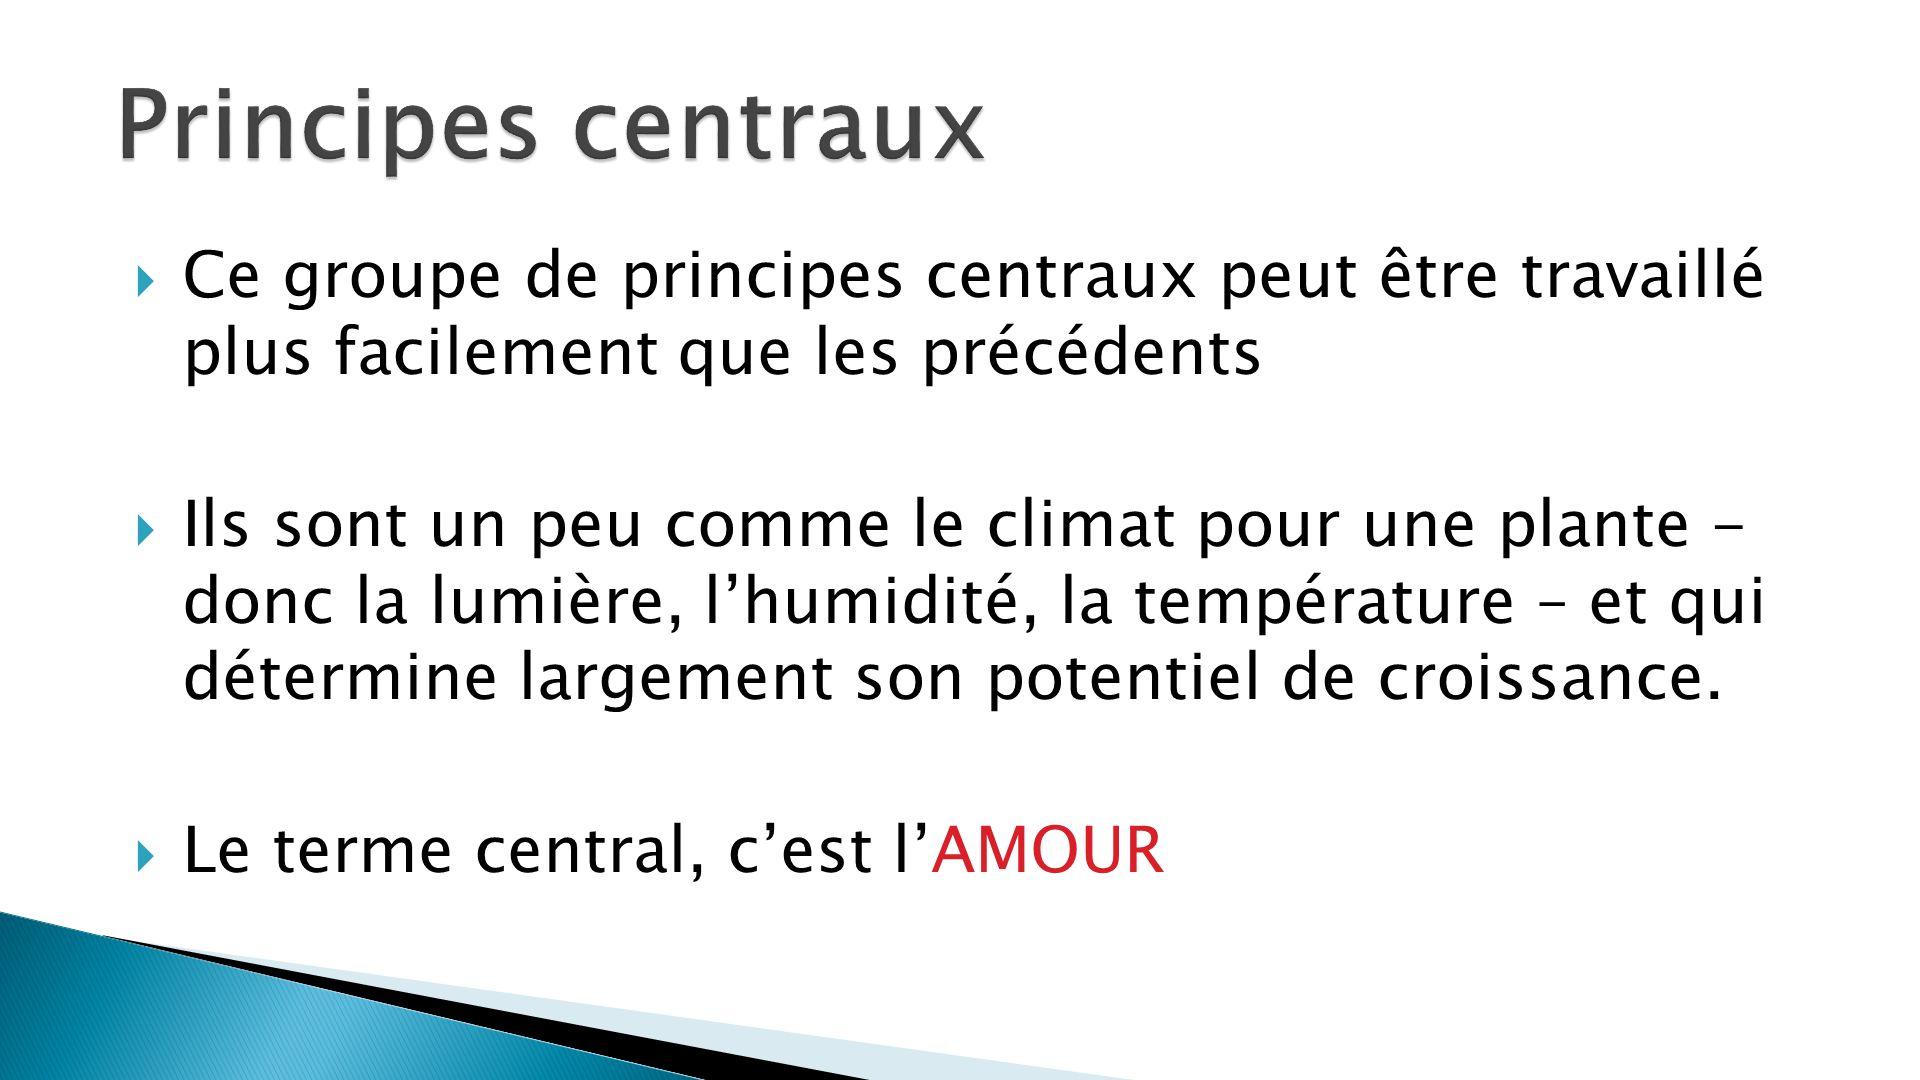 Principes centraux Ce groupe de principes centraux peut être travaillé plus facilement que les précédents.